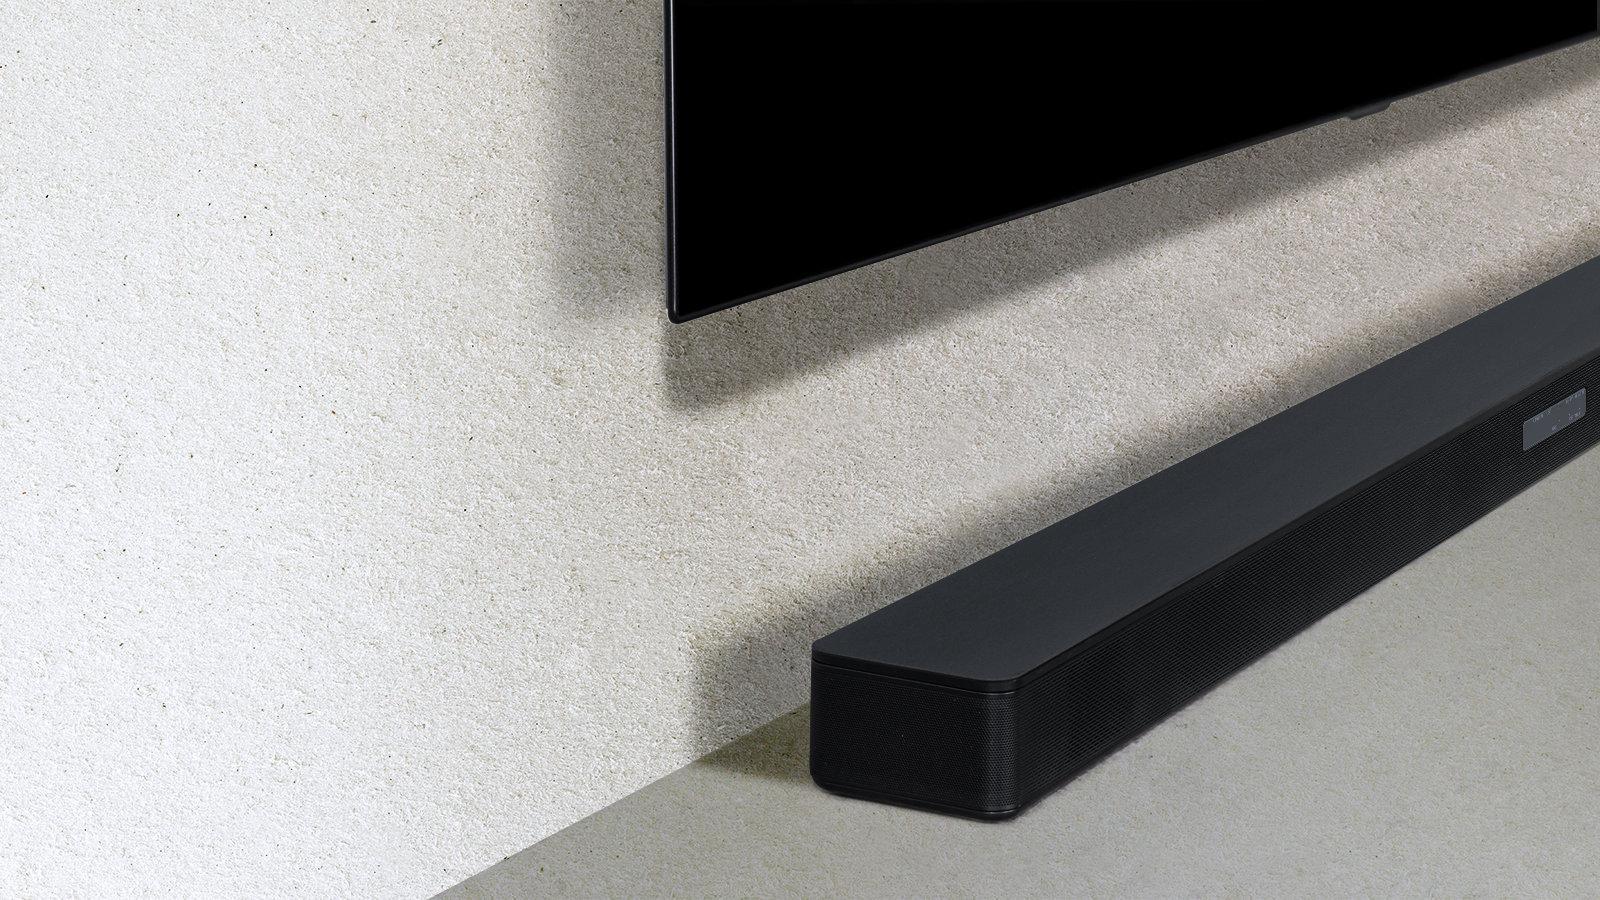 Barra de sonido LG SK1D